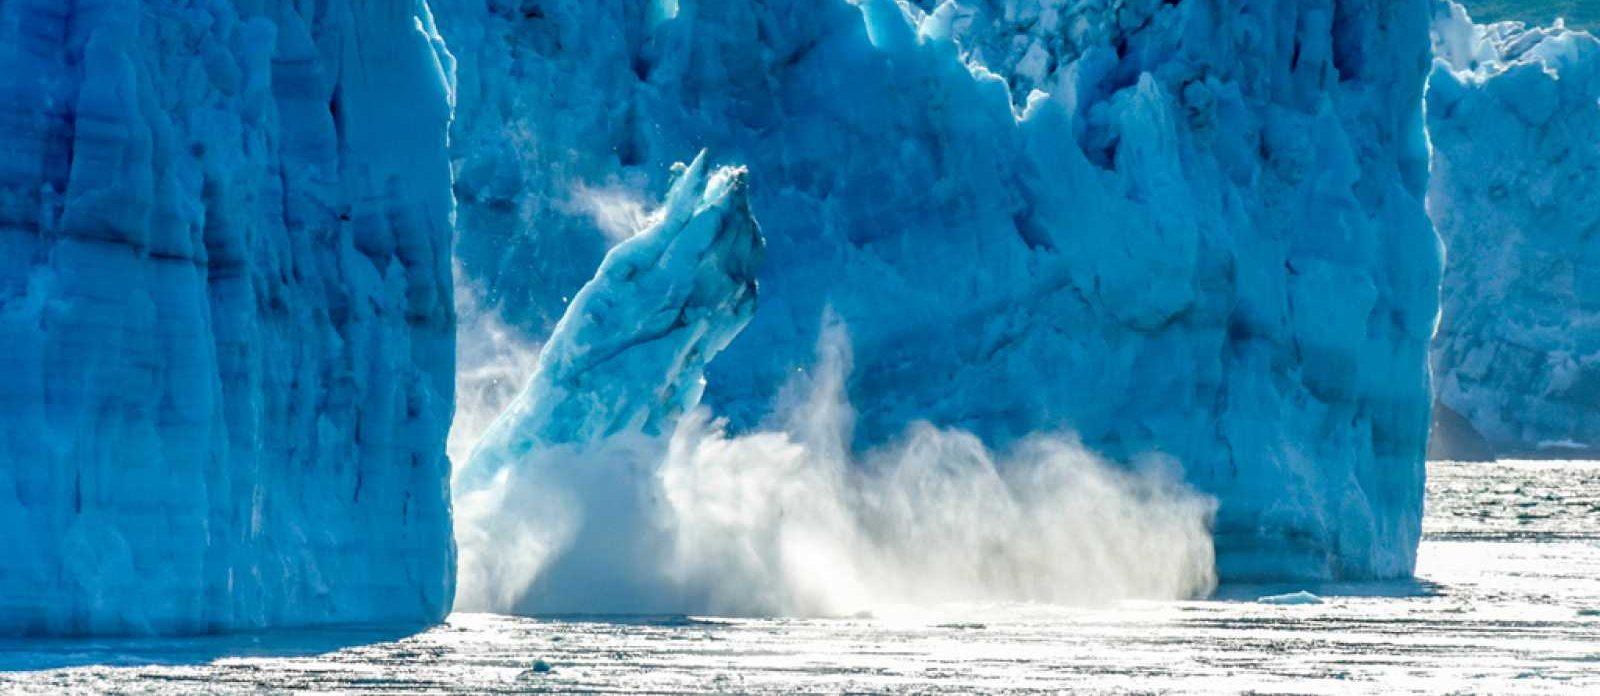 El cambio climático y el desprendimiento de icebergs: ¿hay relación entre ellos?